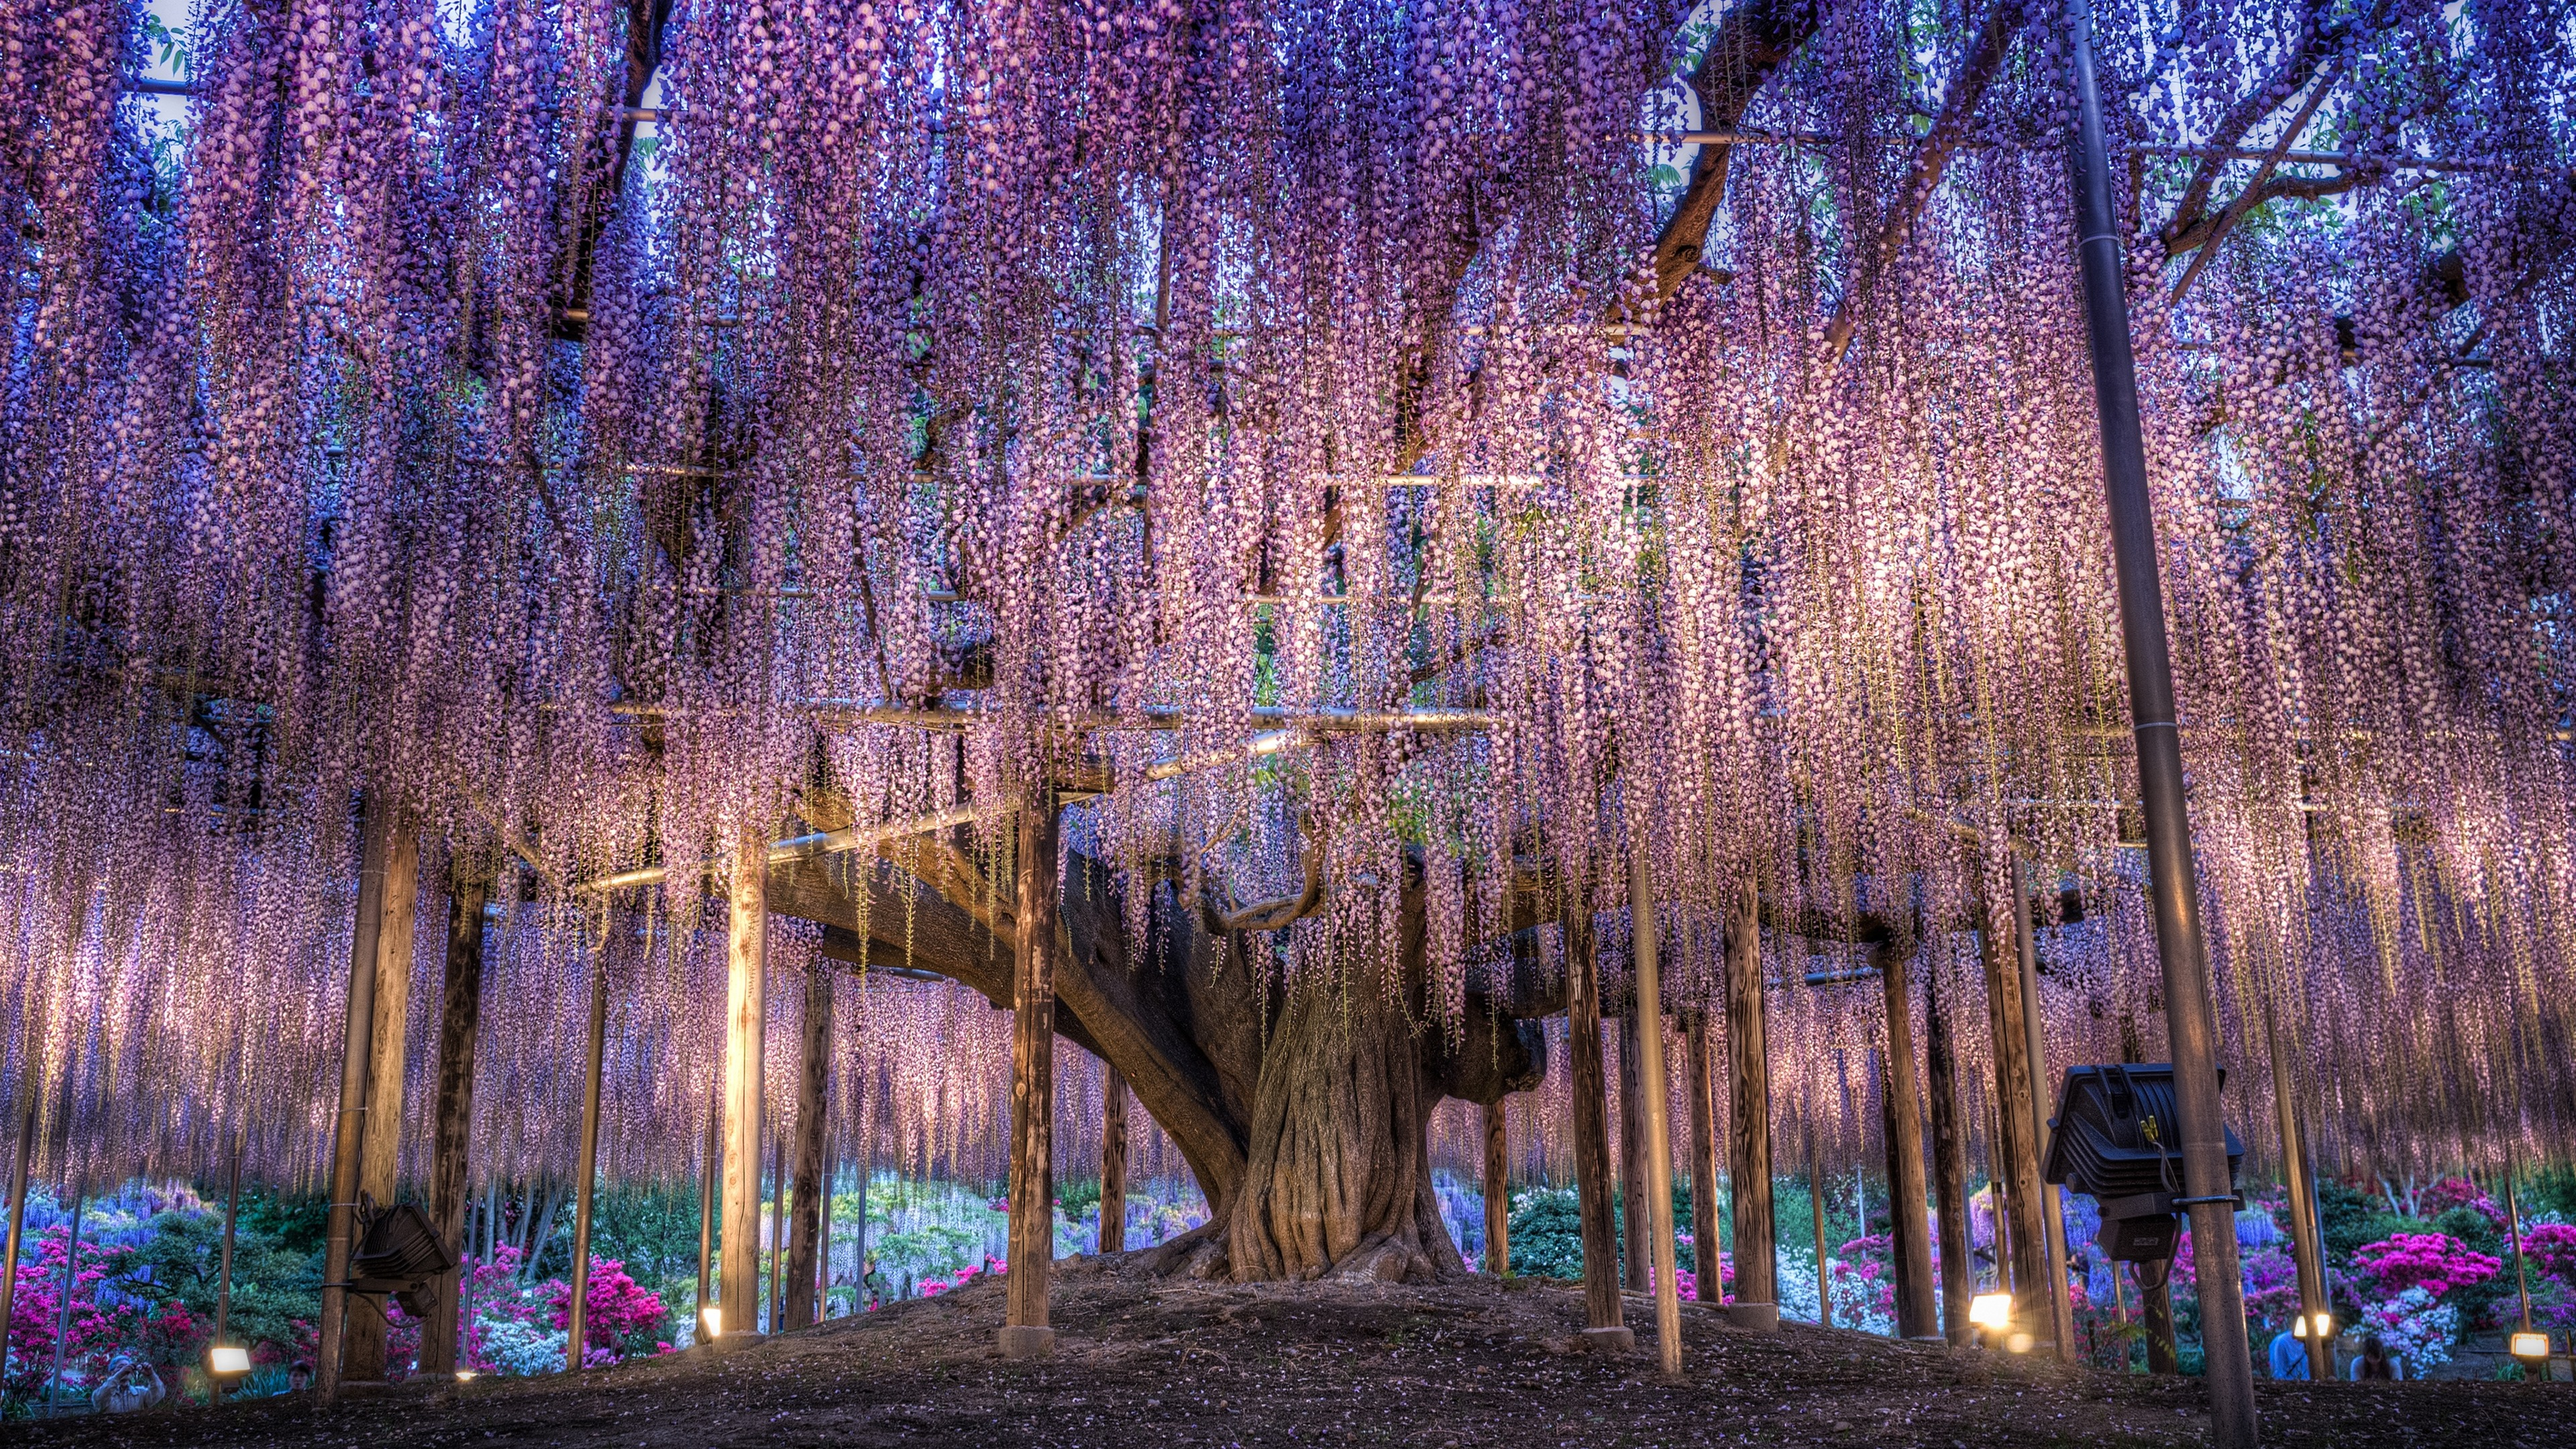 壁紙 日本 美しい藤 紫色の花 3840x2160 Uhd 4k 無料のデスクトップ